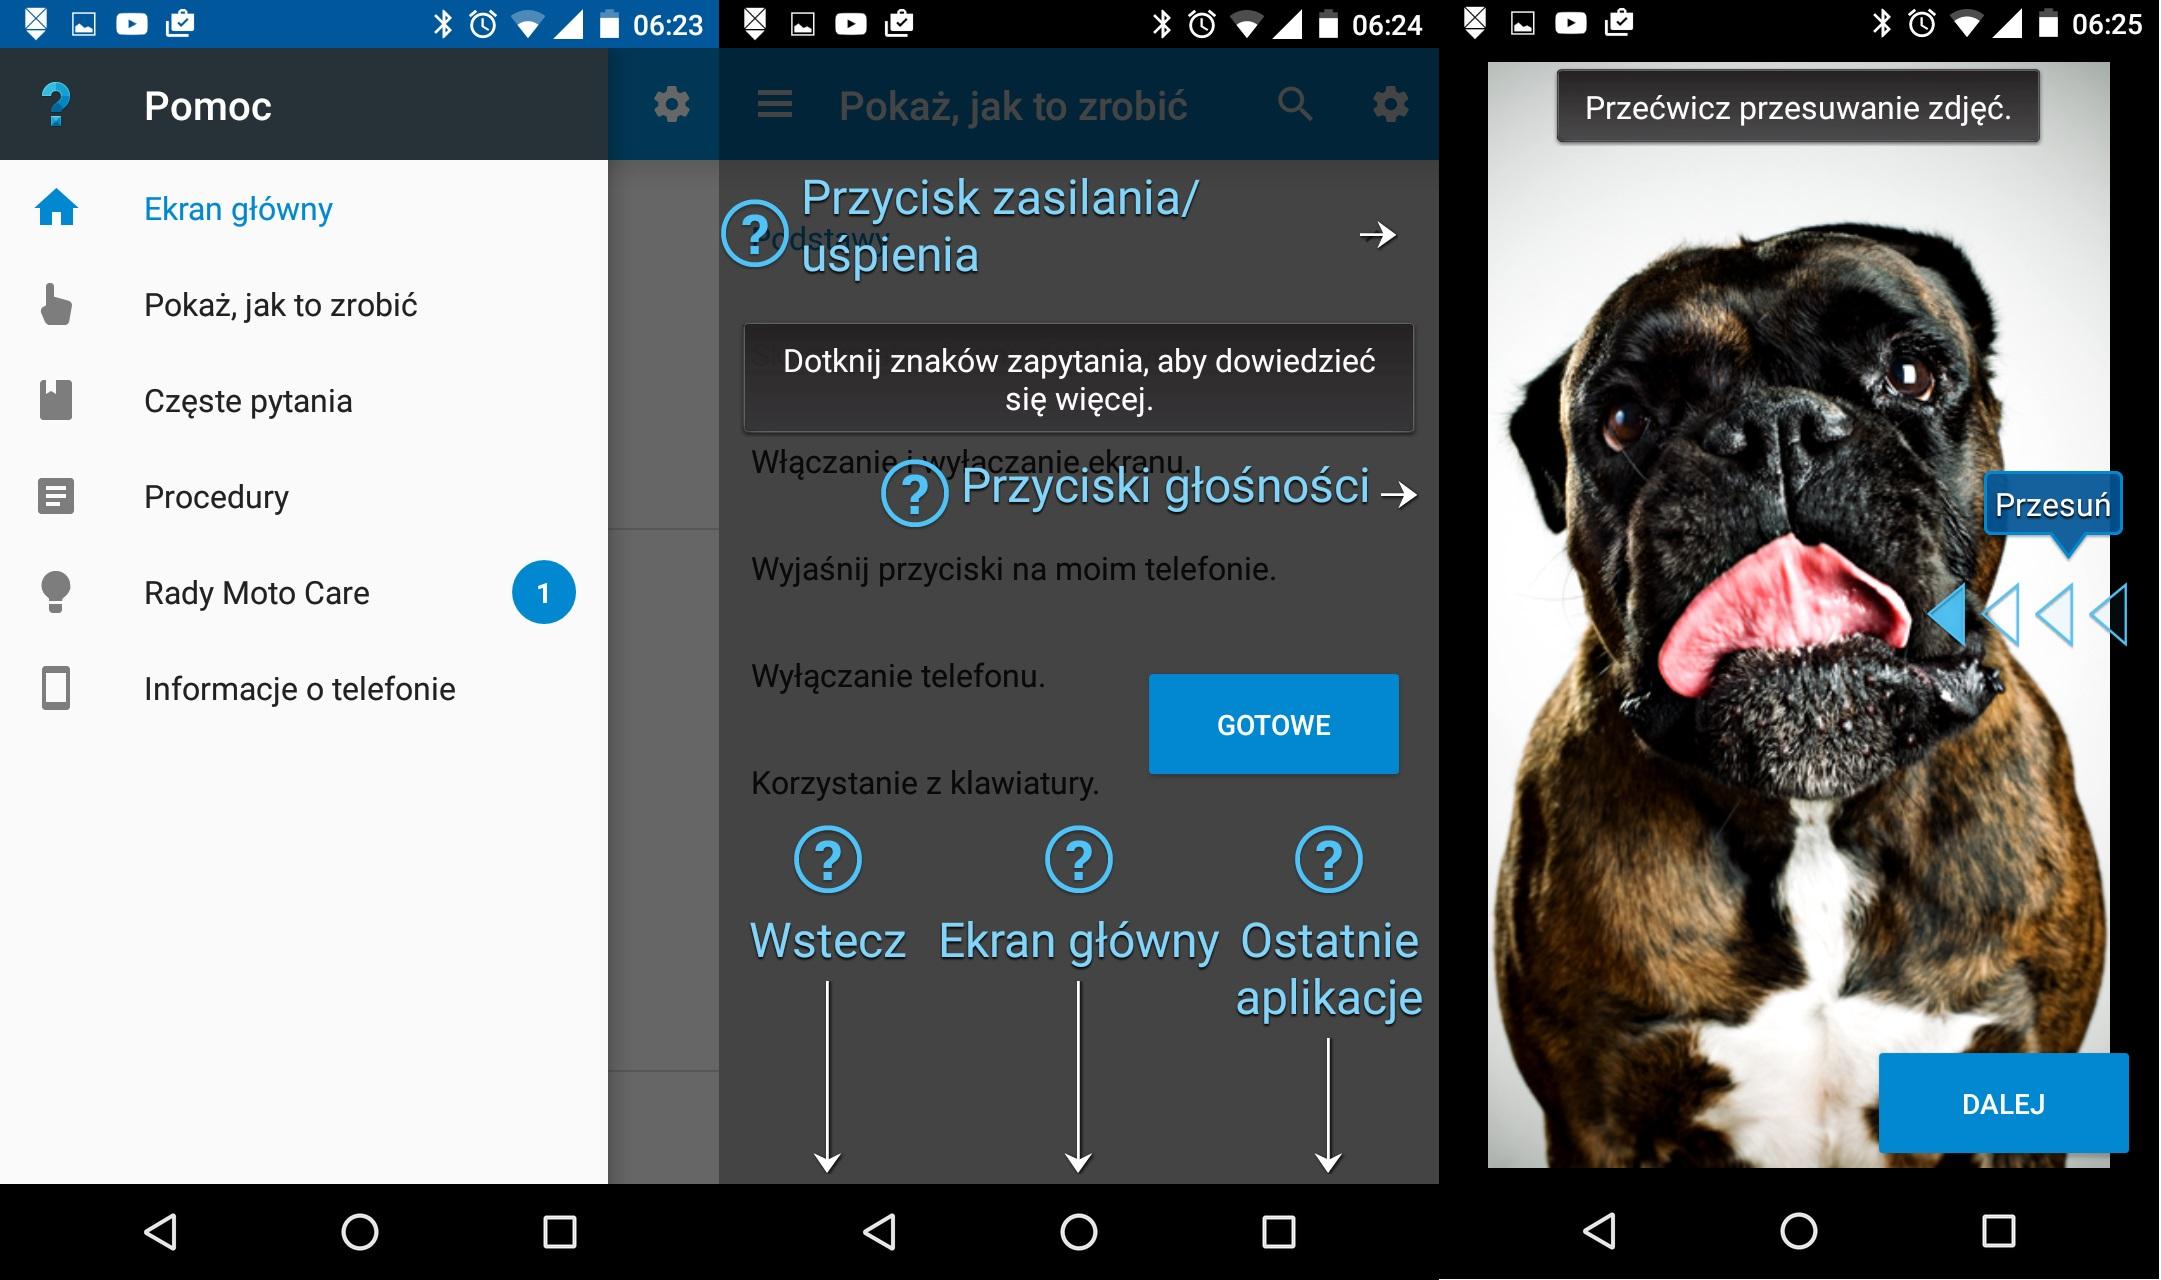 Lenovo Motorola Moto G 3-gen. (2015) - aplikacja Pomoc - 90sekund.pl